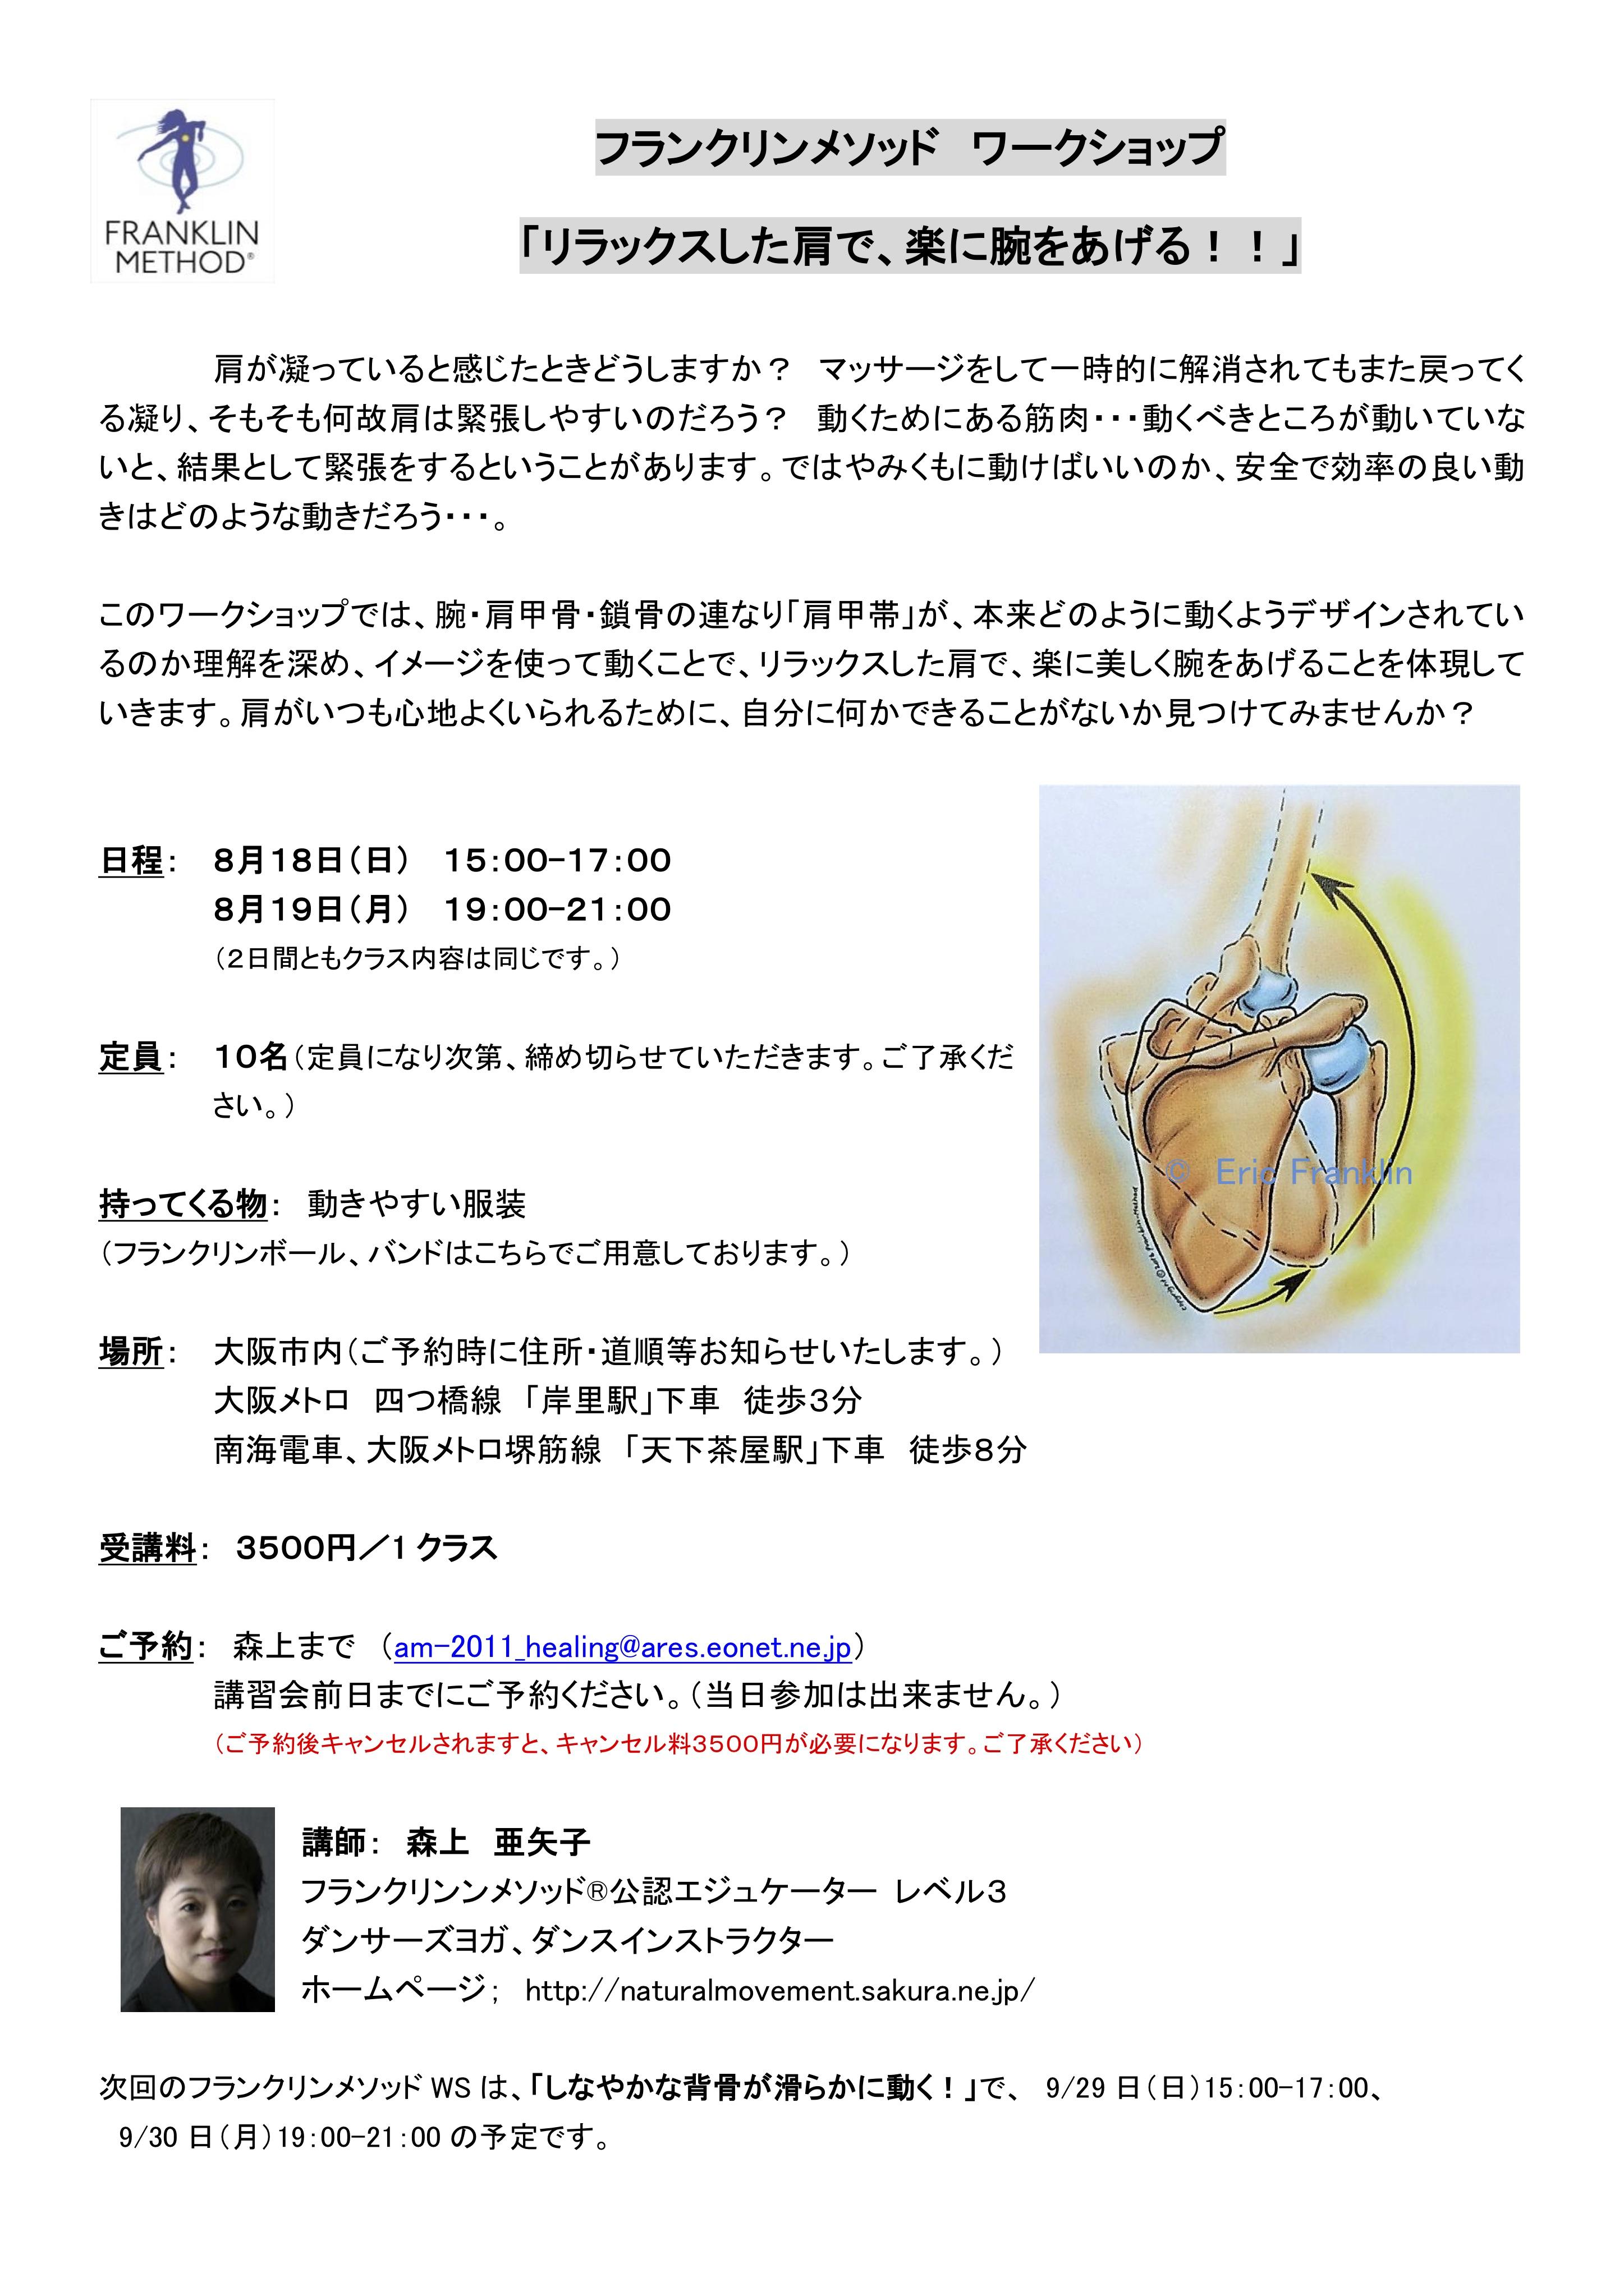 8/19(月)大阪 森上亜矢子WS「リラックスした肩で、楽に腕をあげる!!」